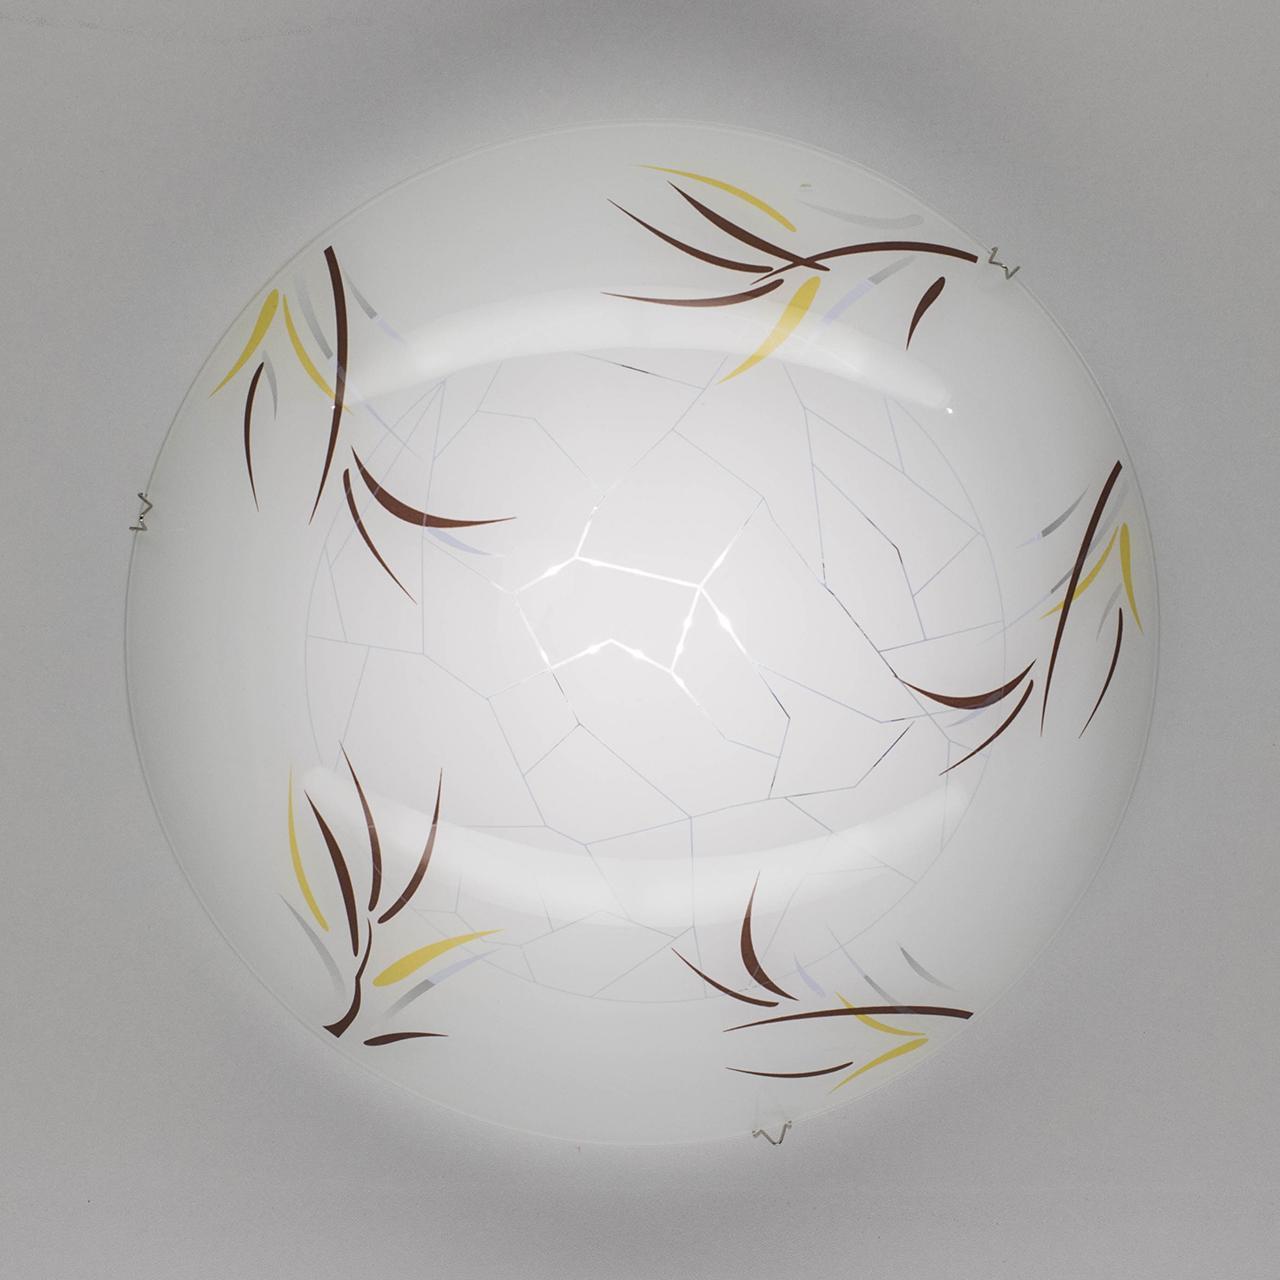 Настенный светильник Citilux Ива CL918009 настенный светильник citilux ива cl918009